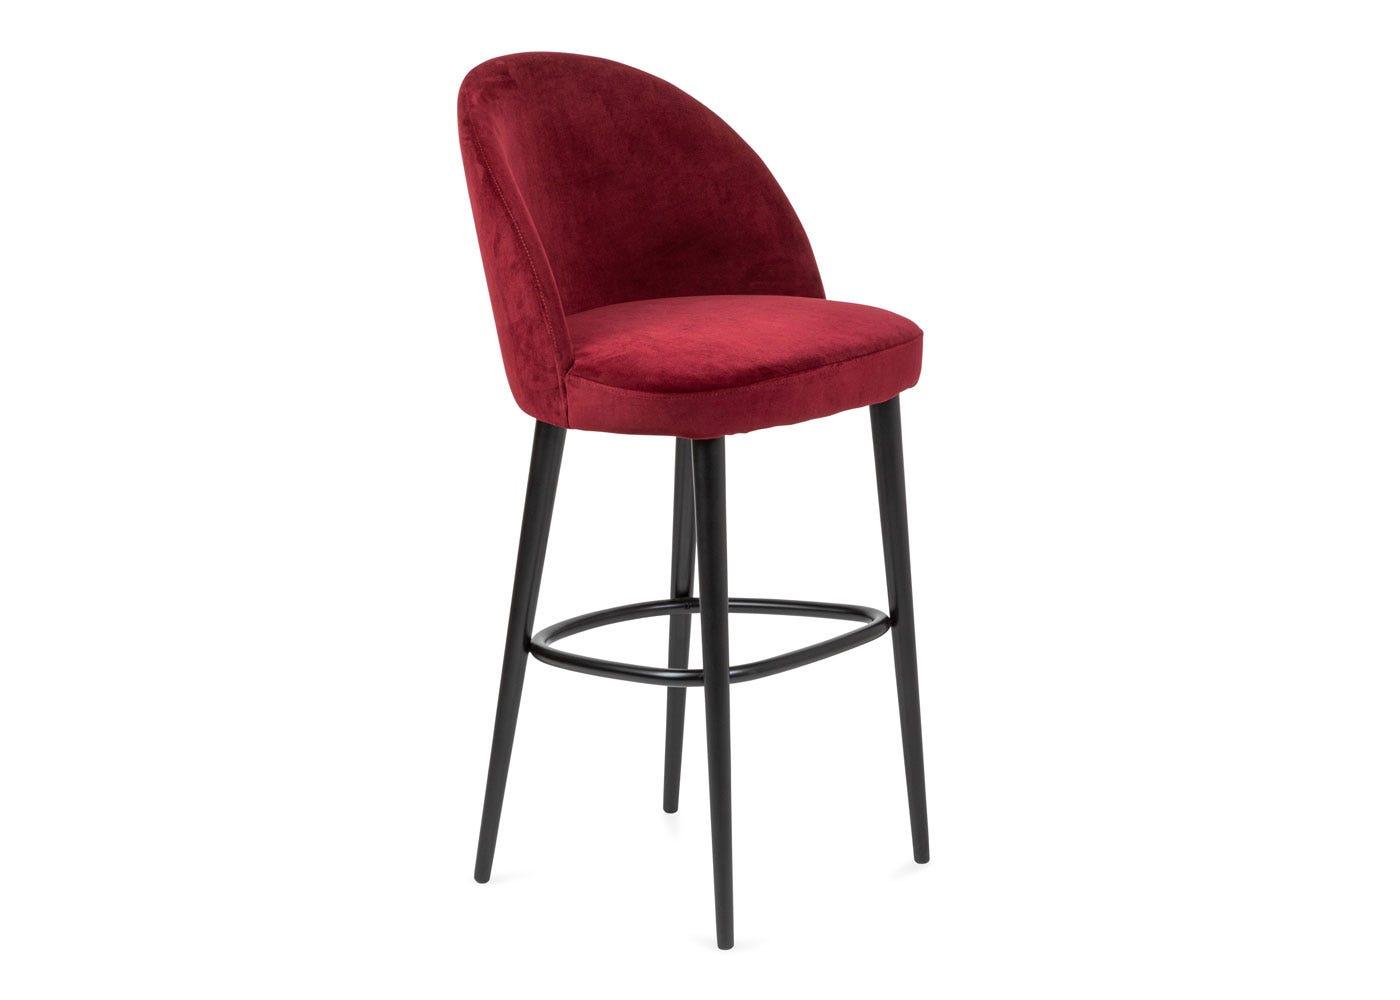 As shown: Austen bar stool plush velvet burgundy black leg - Side profile.